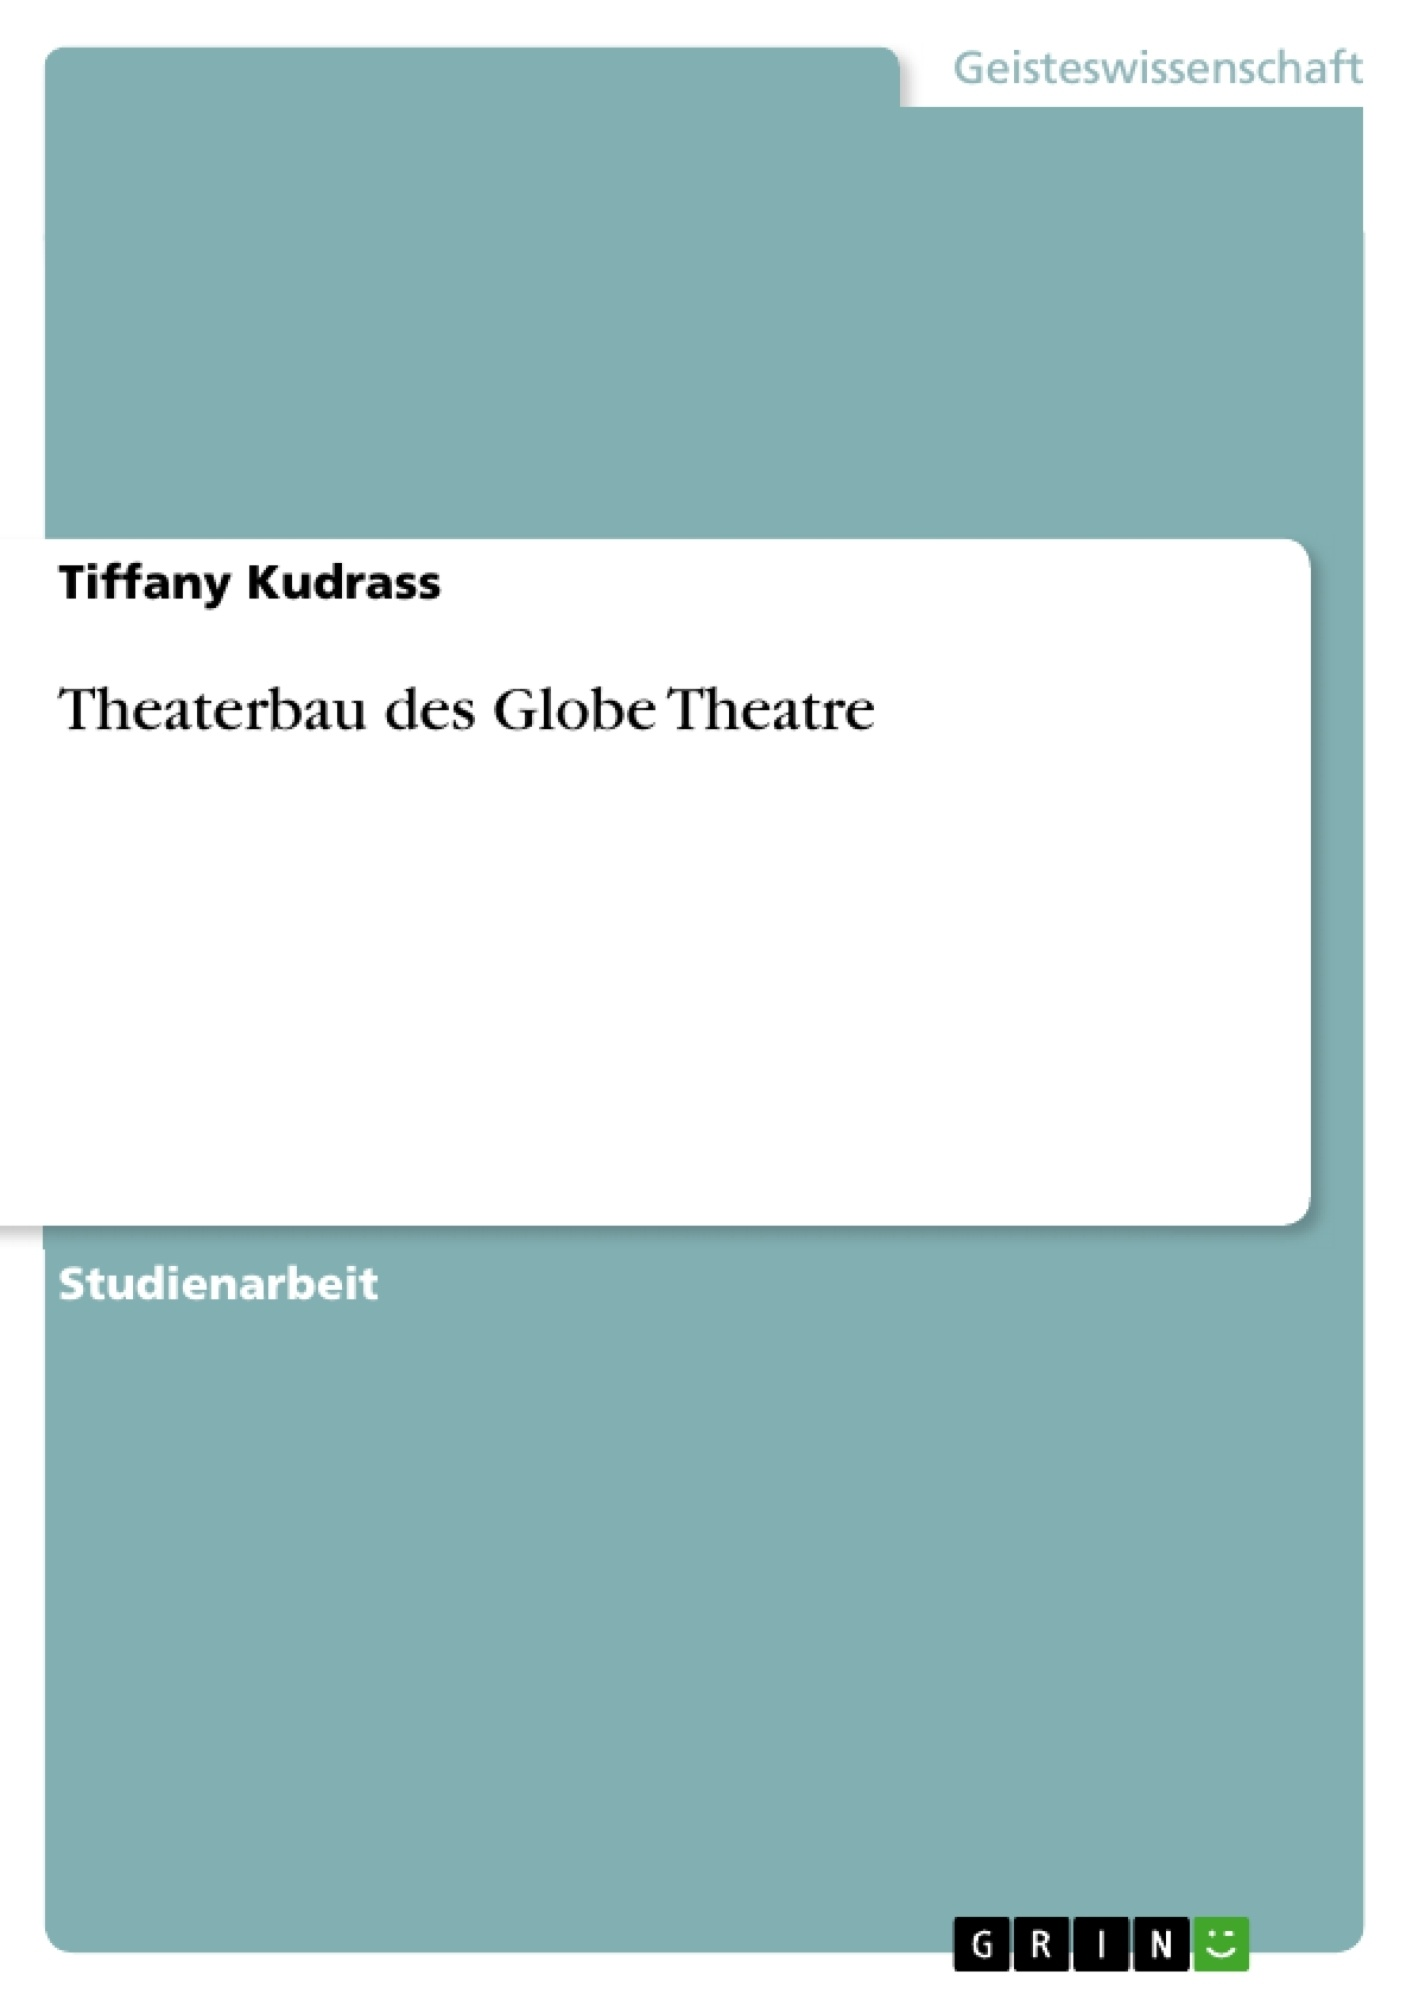 Titel: Theaterbau des Globe Theatre